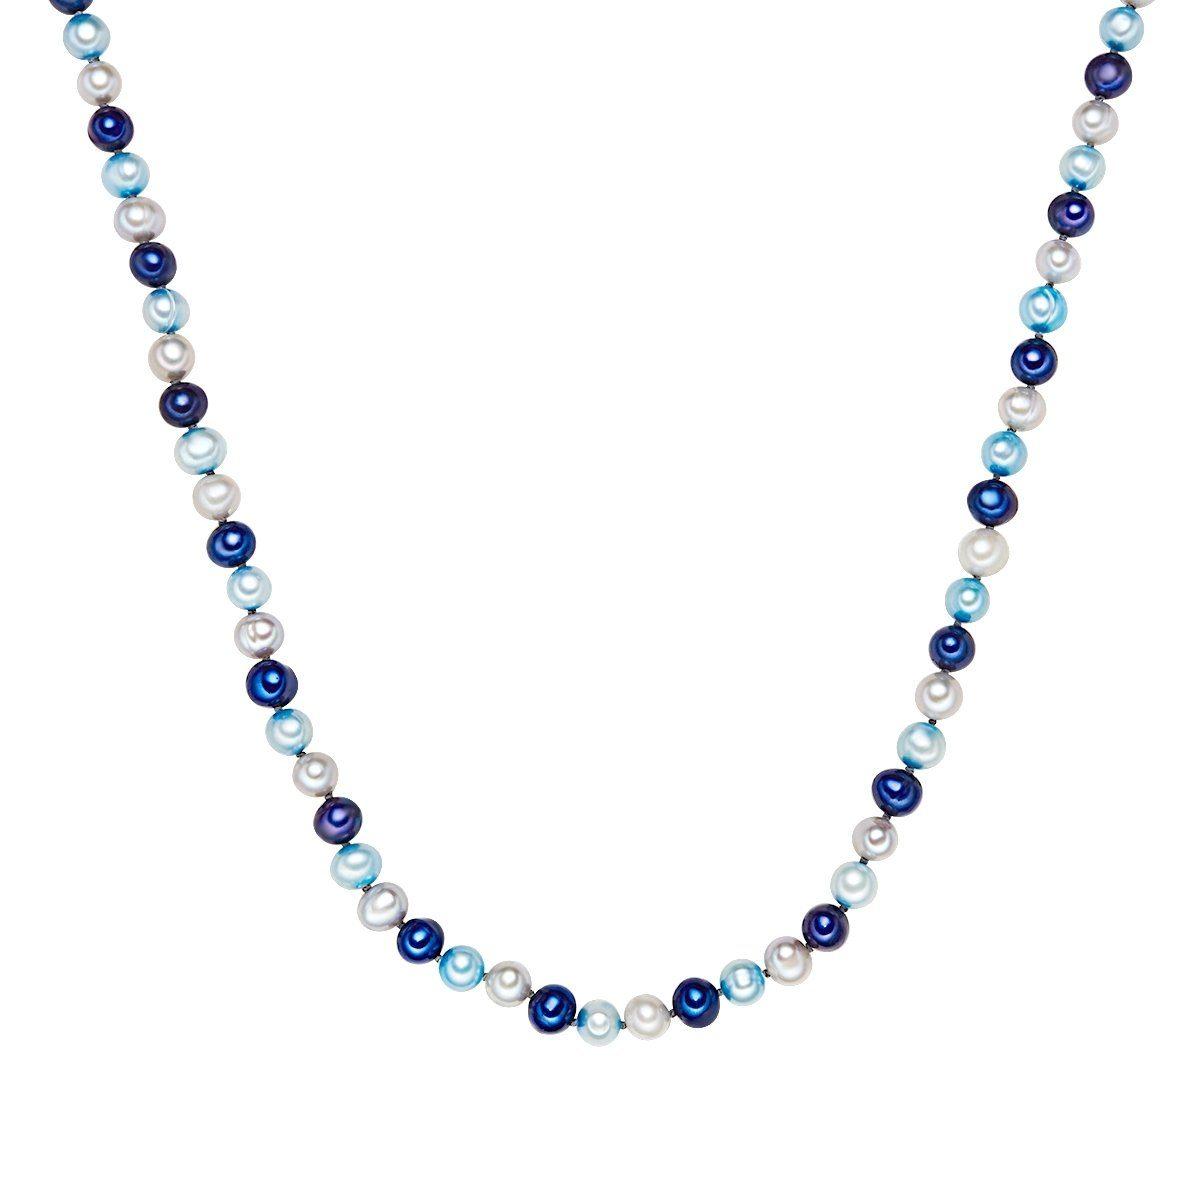 Valero Pearls Perlenkette A1055 | Schmuck > Halsketten > Perlenketten | Valero Pearls